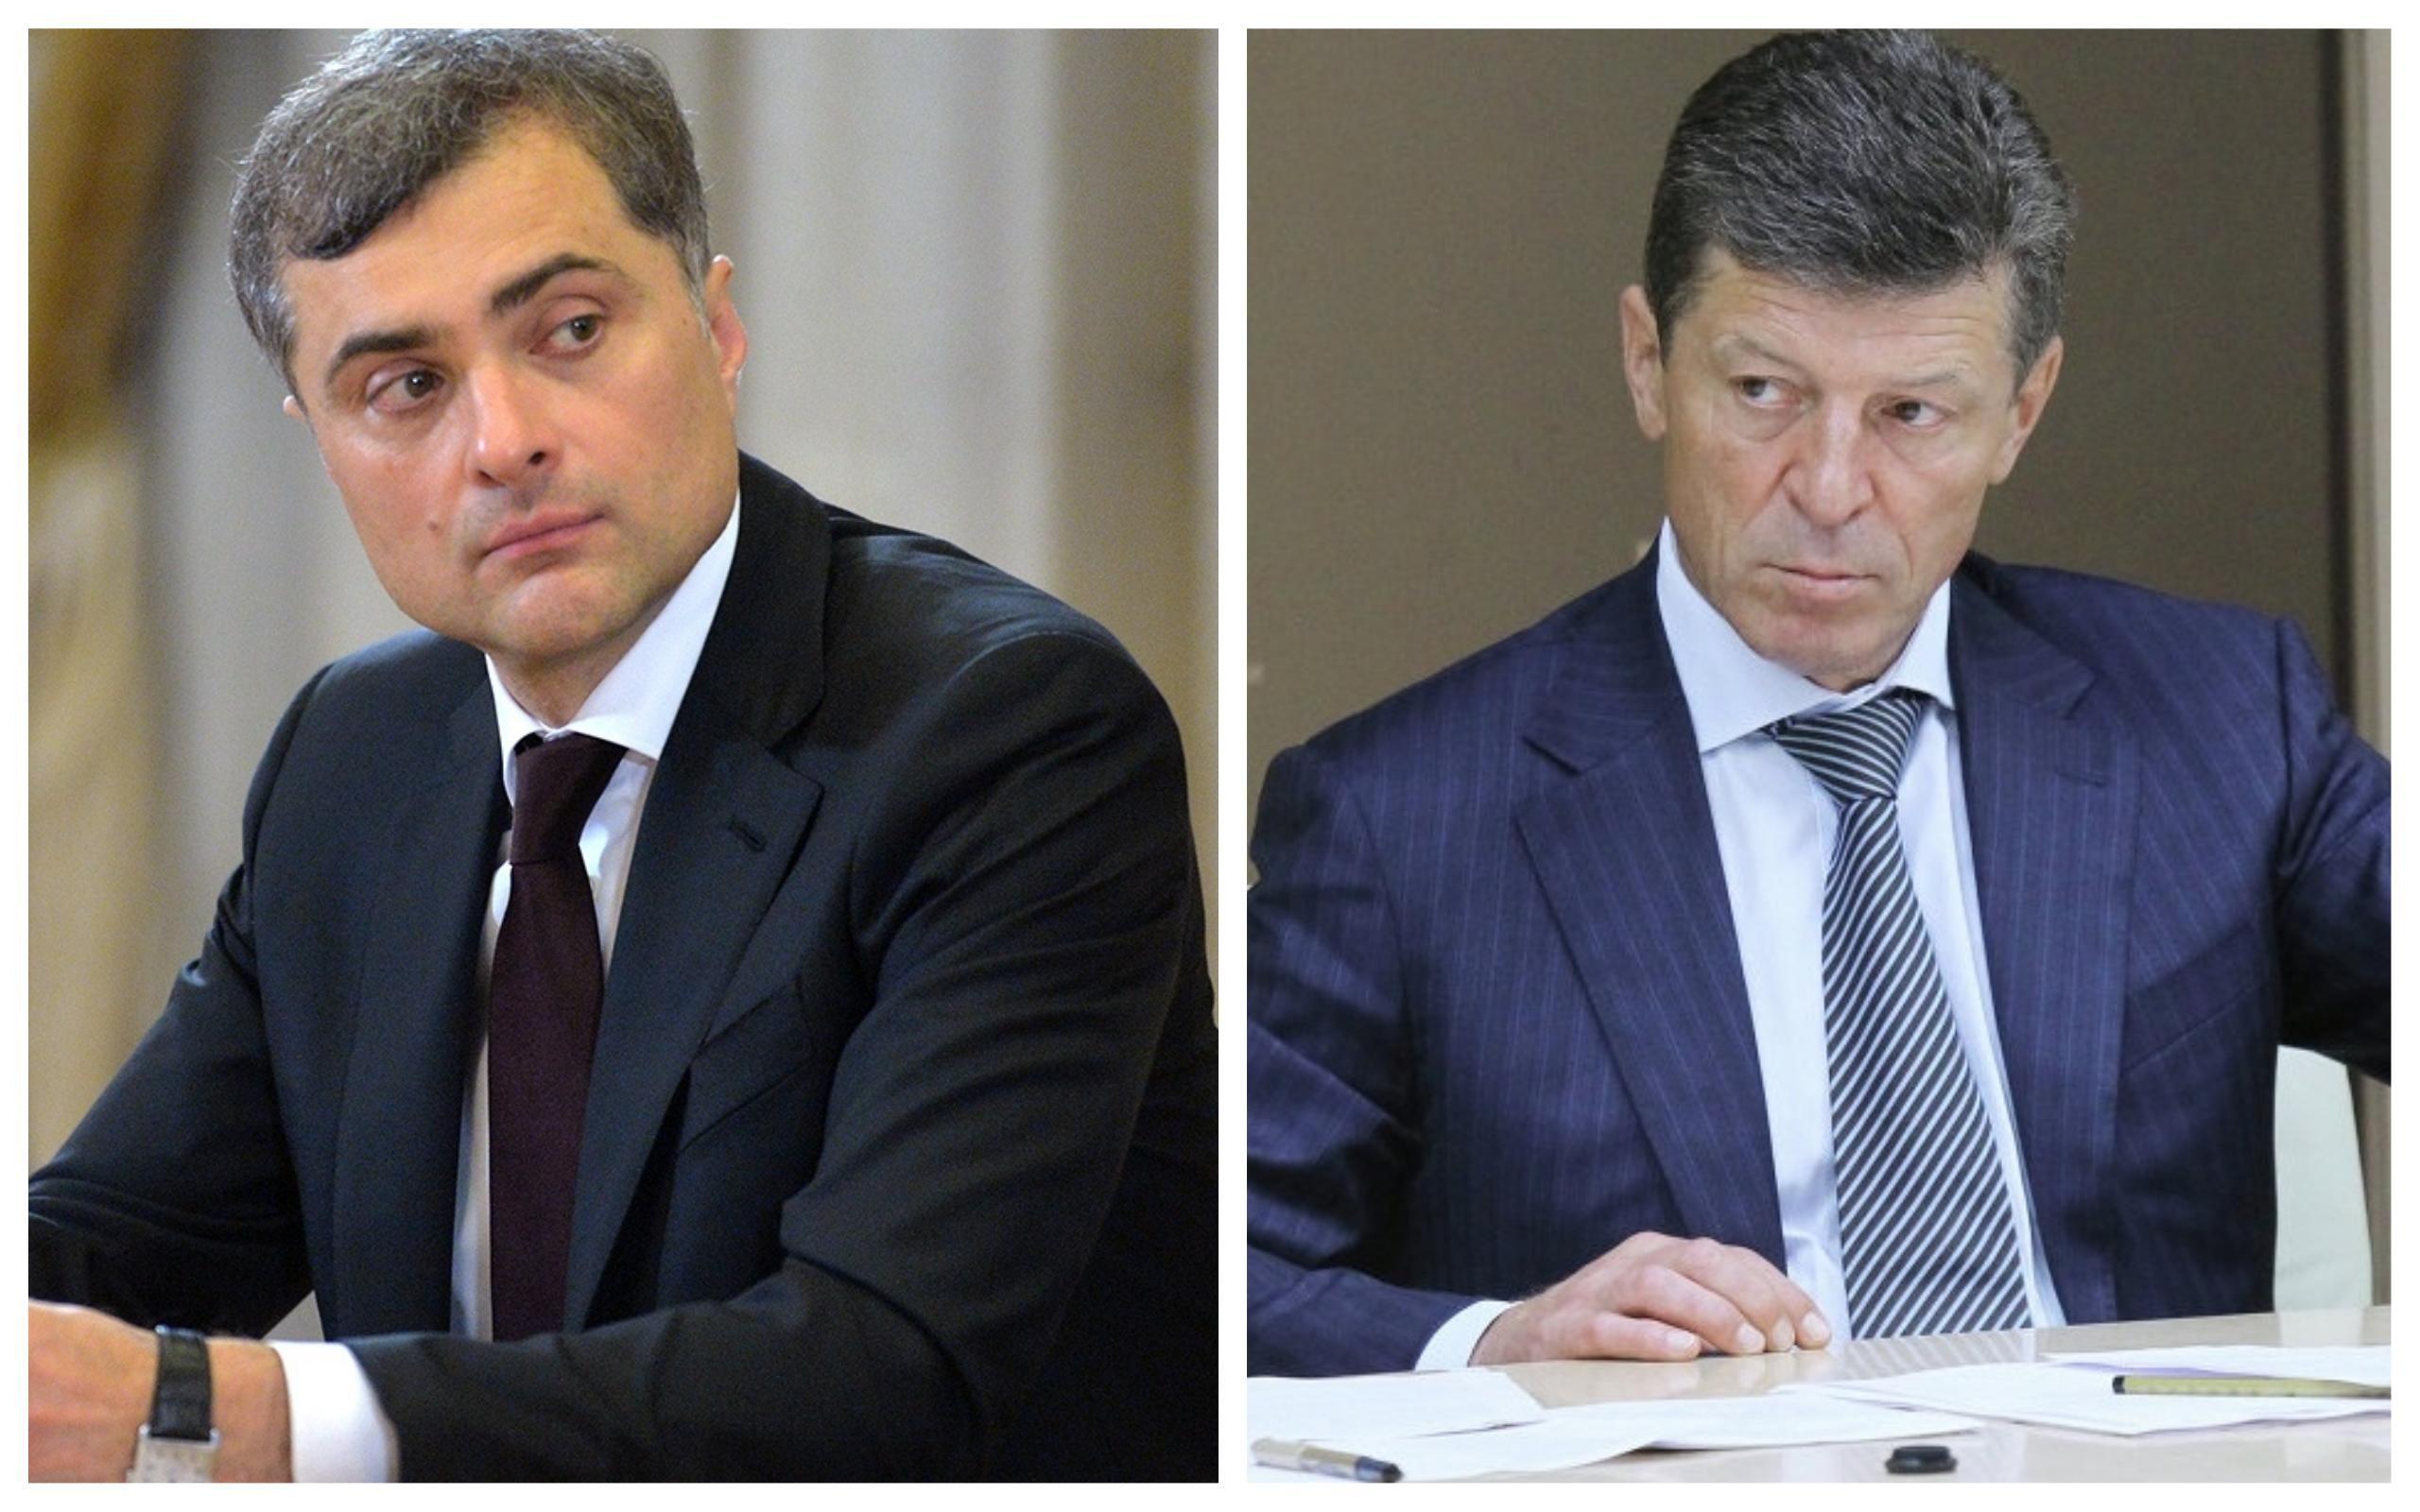 Завдання нового куратора Росії Козака – зупинка руху України до НАТО та ЄС